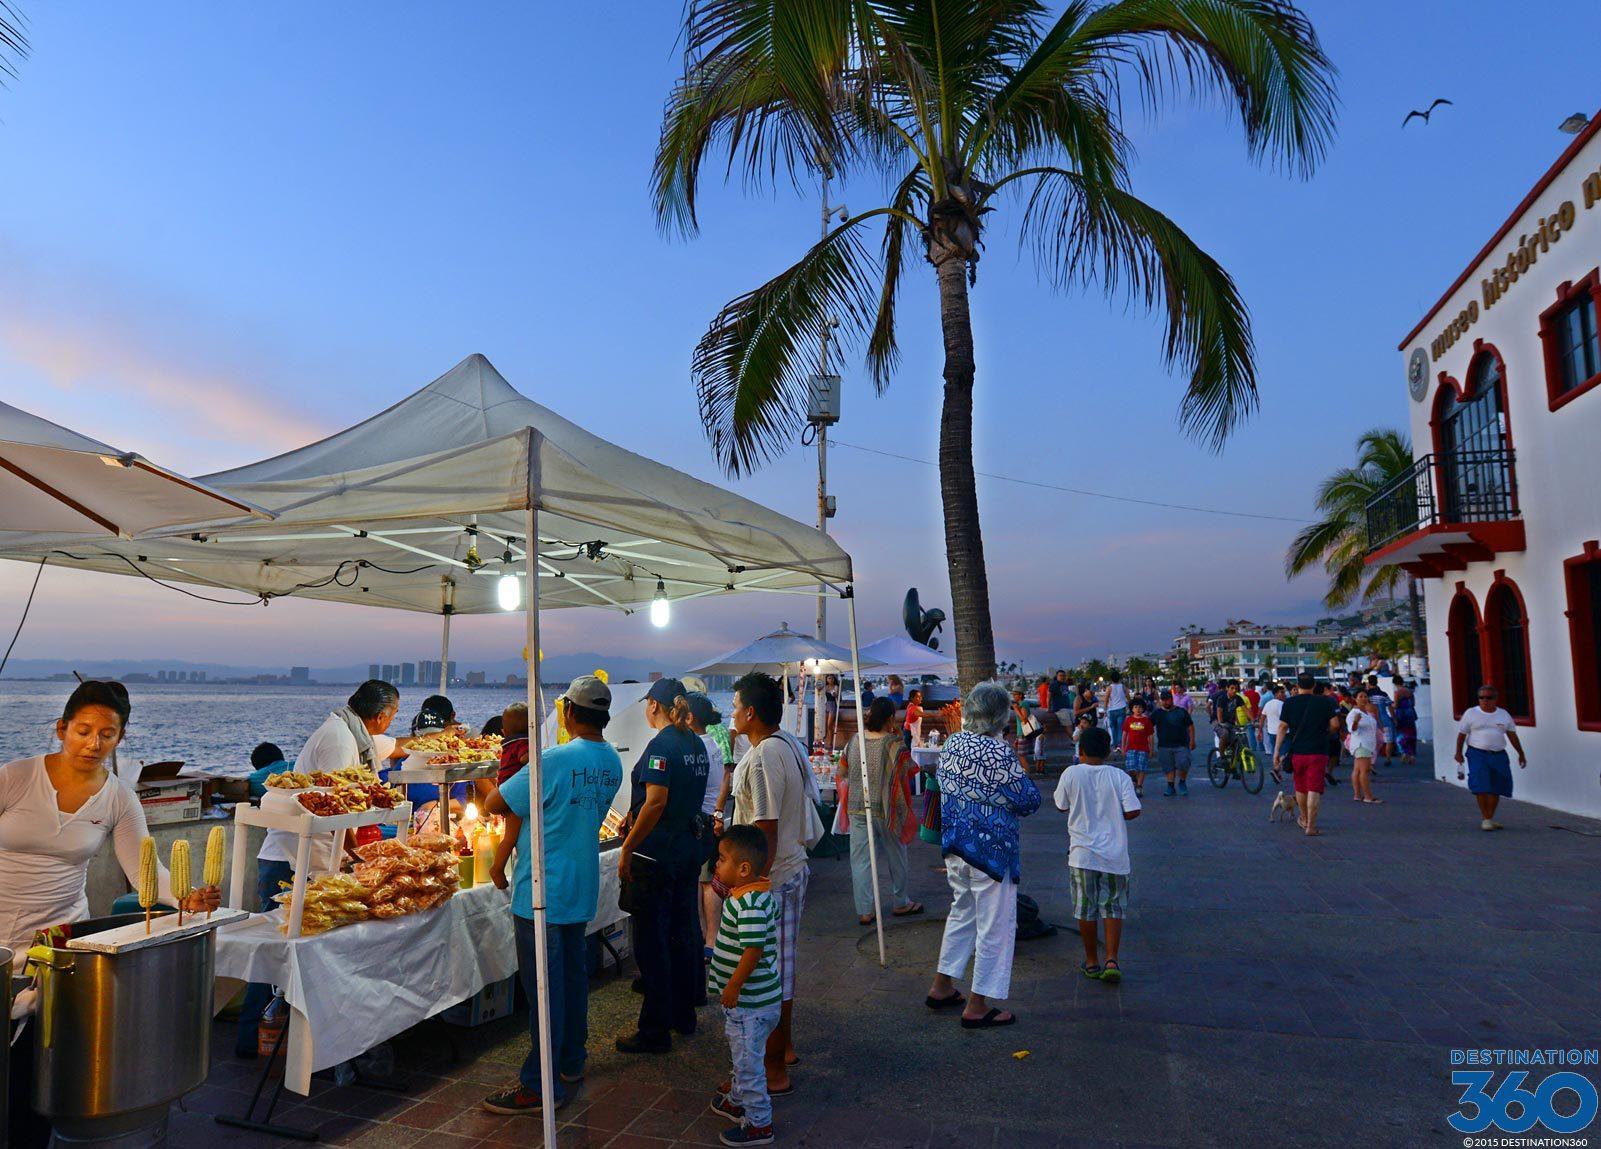 Malecon Puerto Vallarta Boardwalk In Puerto Vallarta